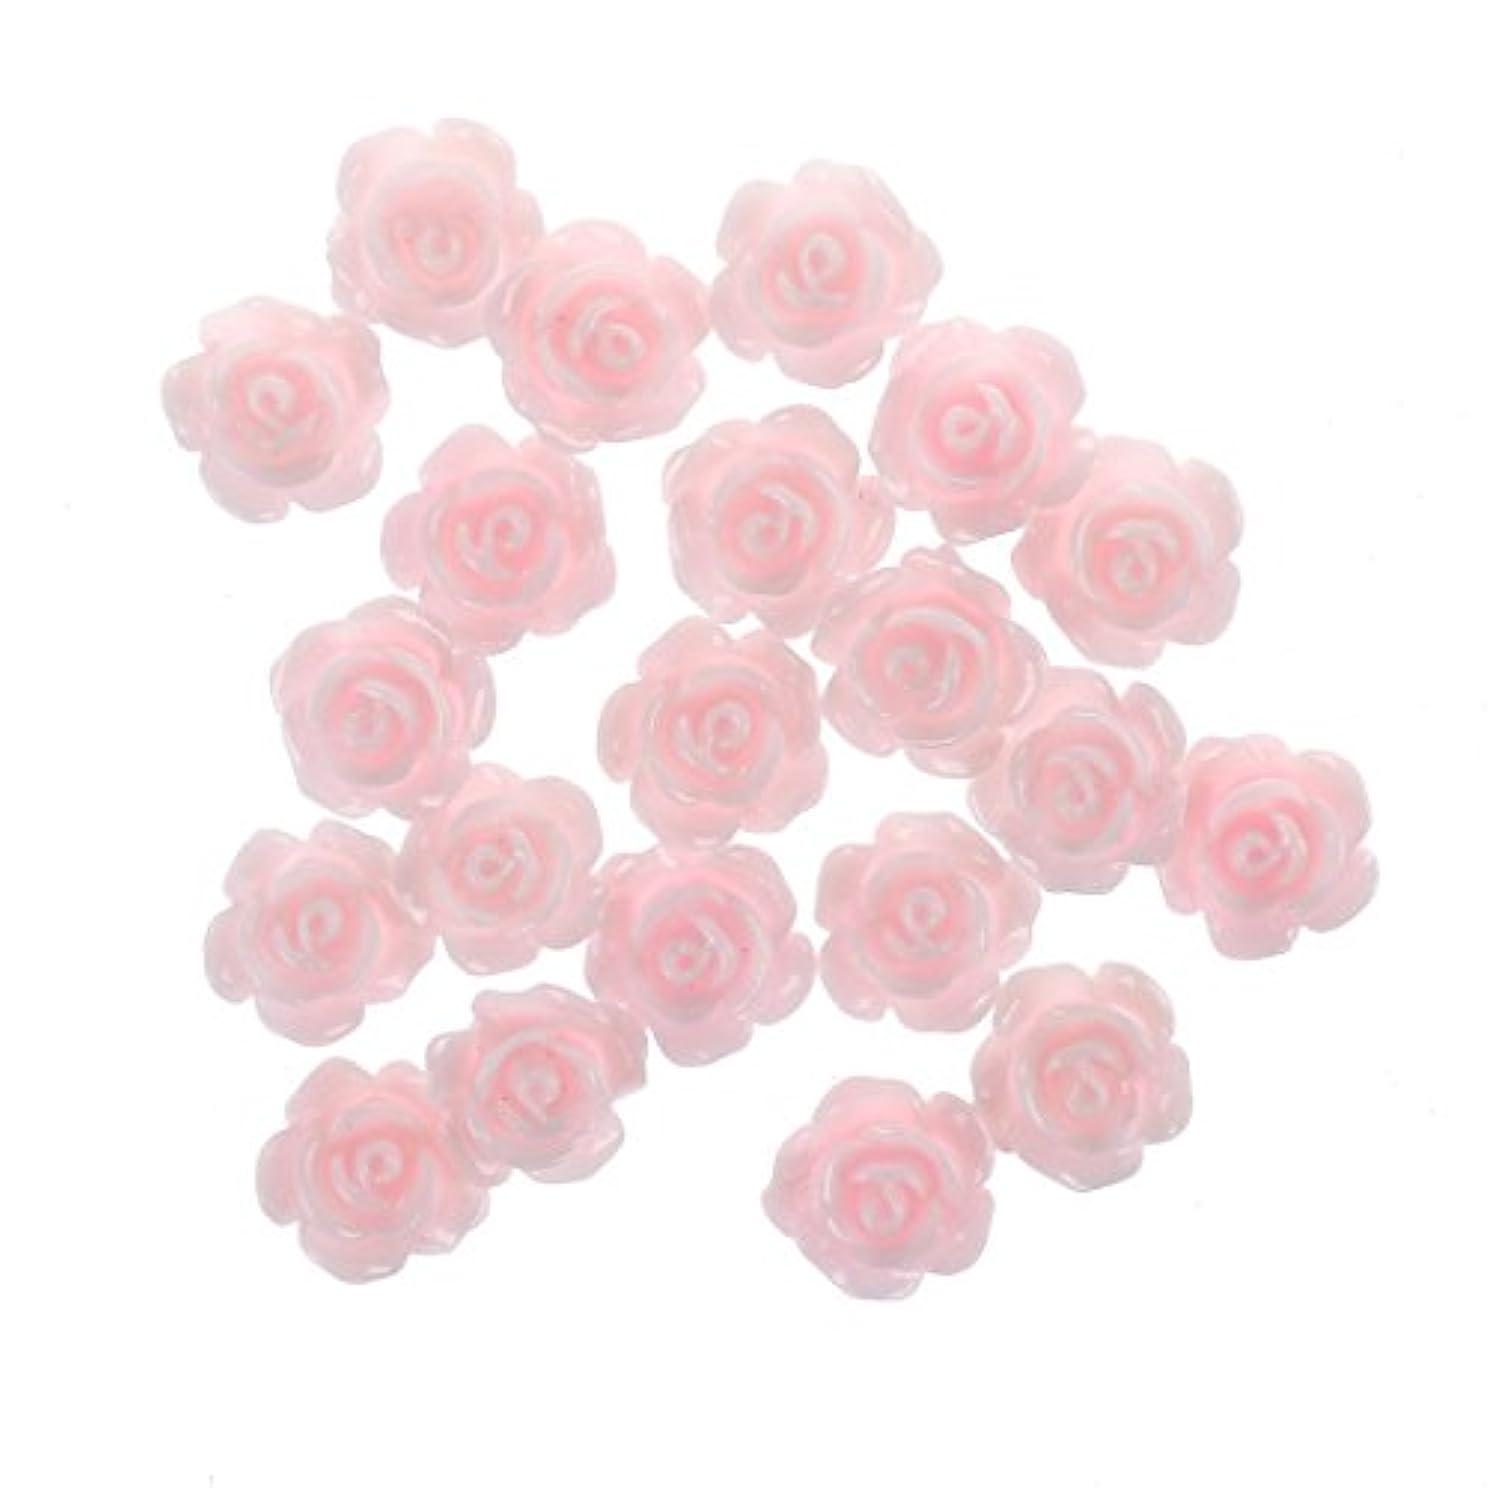 連想法医学横向きネイルアート,SODIAL(R)20x3Dピンクの小さいバラ ラインストーン付きネイルアート装飾